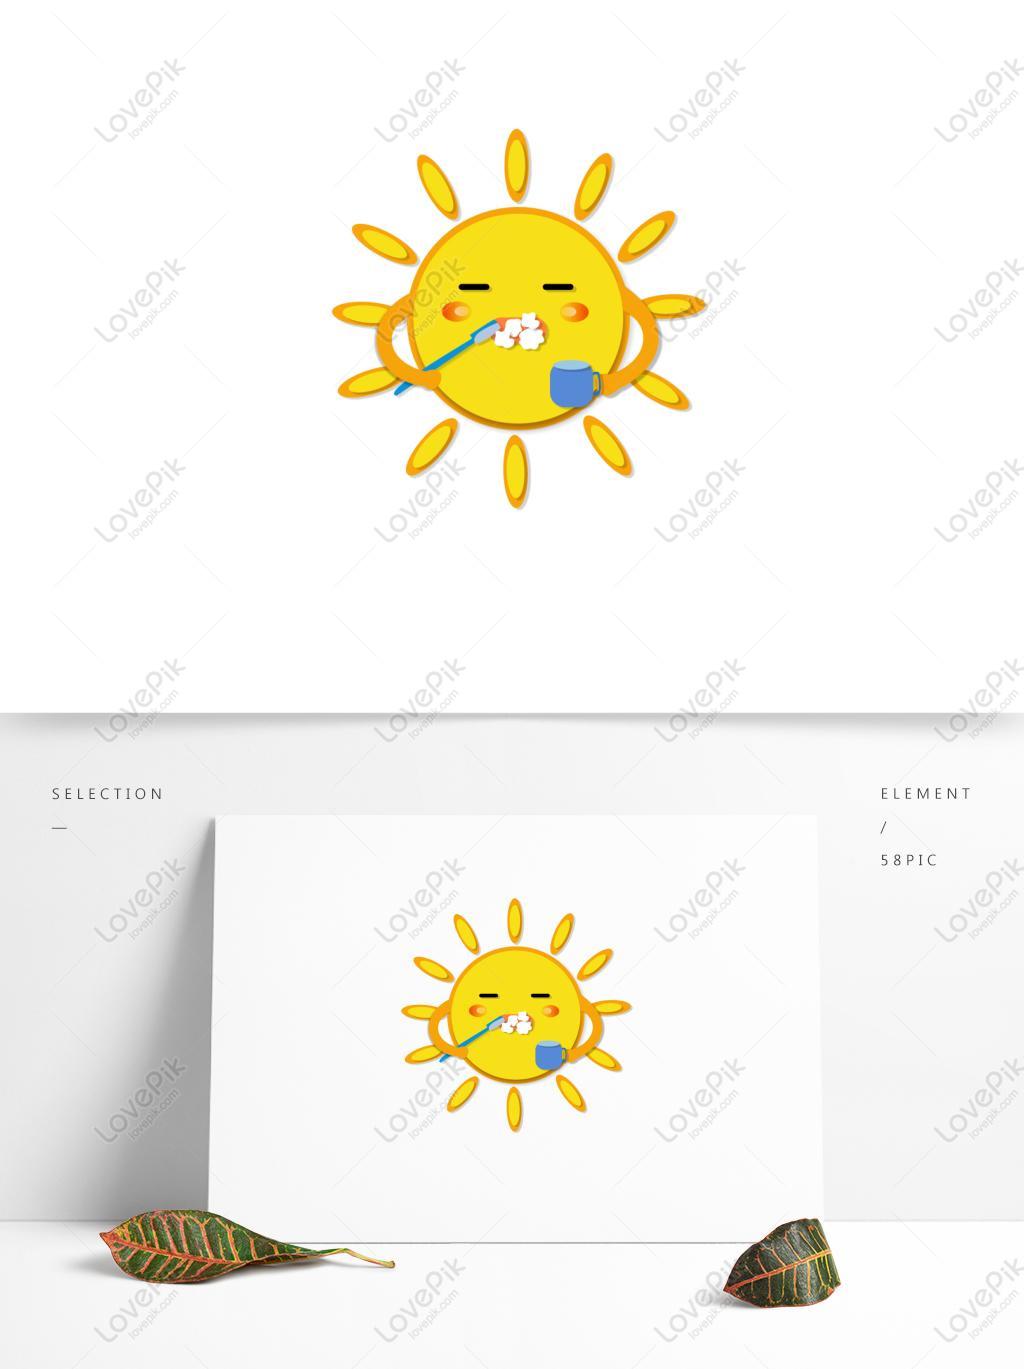 Kartun Matahari Kuning Elemen Bayi Menyikat Gigi Di Pagi